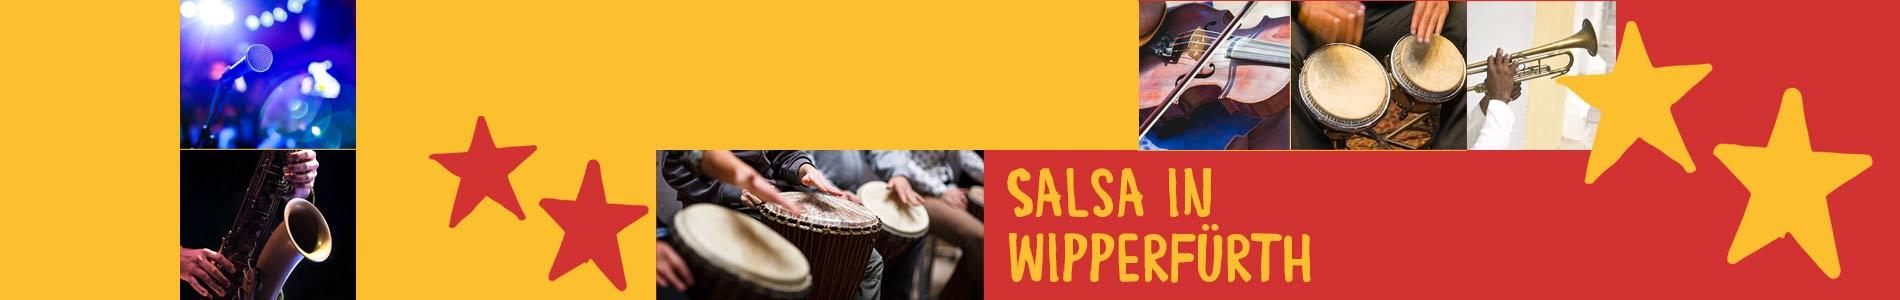 Salsa in Fürth – Salsa lernen und tanzen, Tanzkurse, Partys, Veranstaltungen